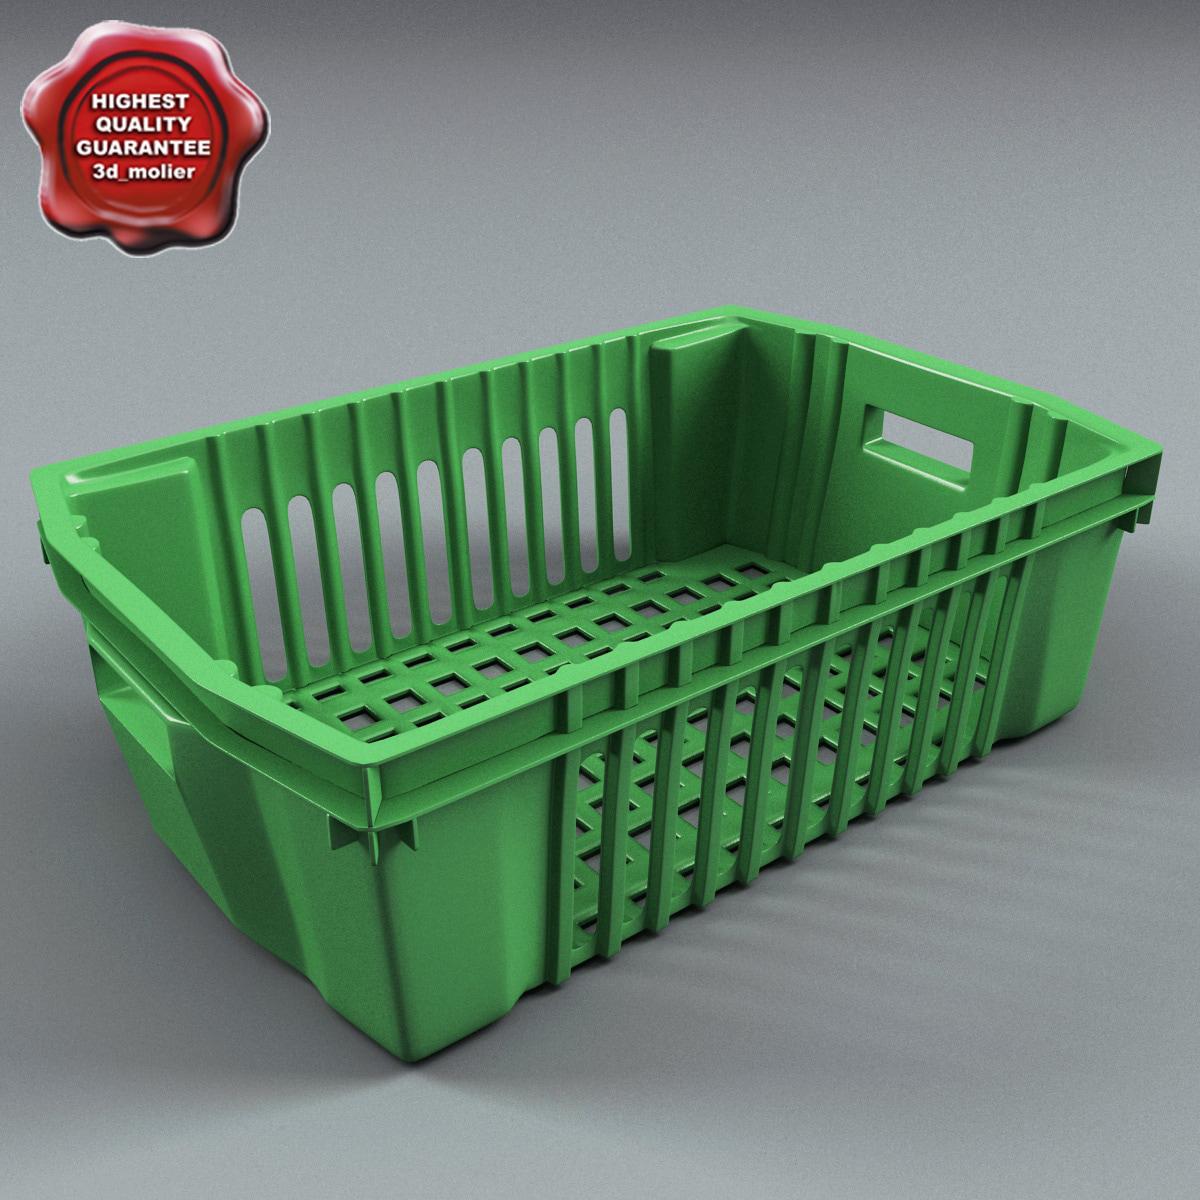 Box_Plastic_Container_00.jpg